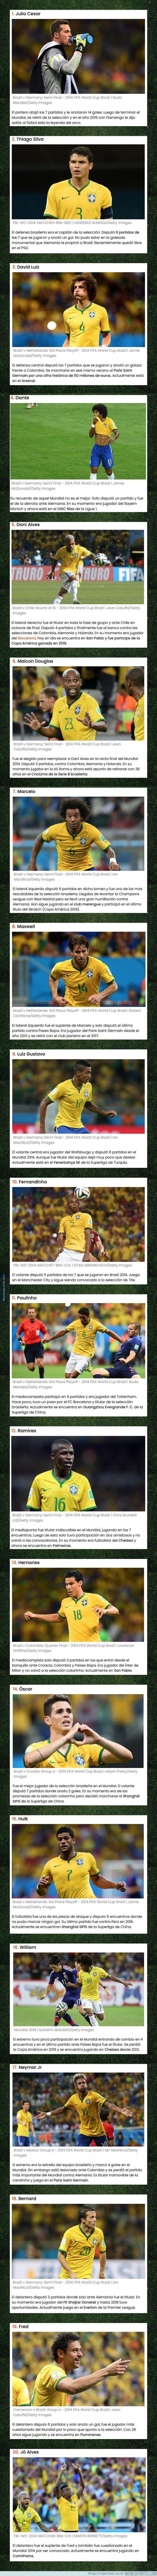 1107527 - Así es la vida de los jugadores que conformaban la selección de Brasil en 2014